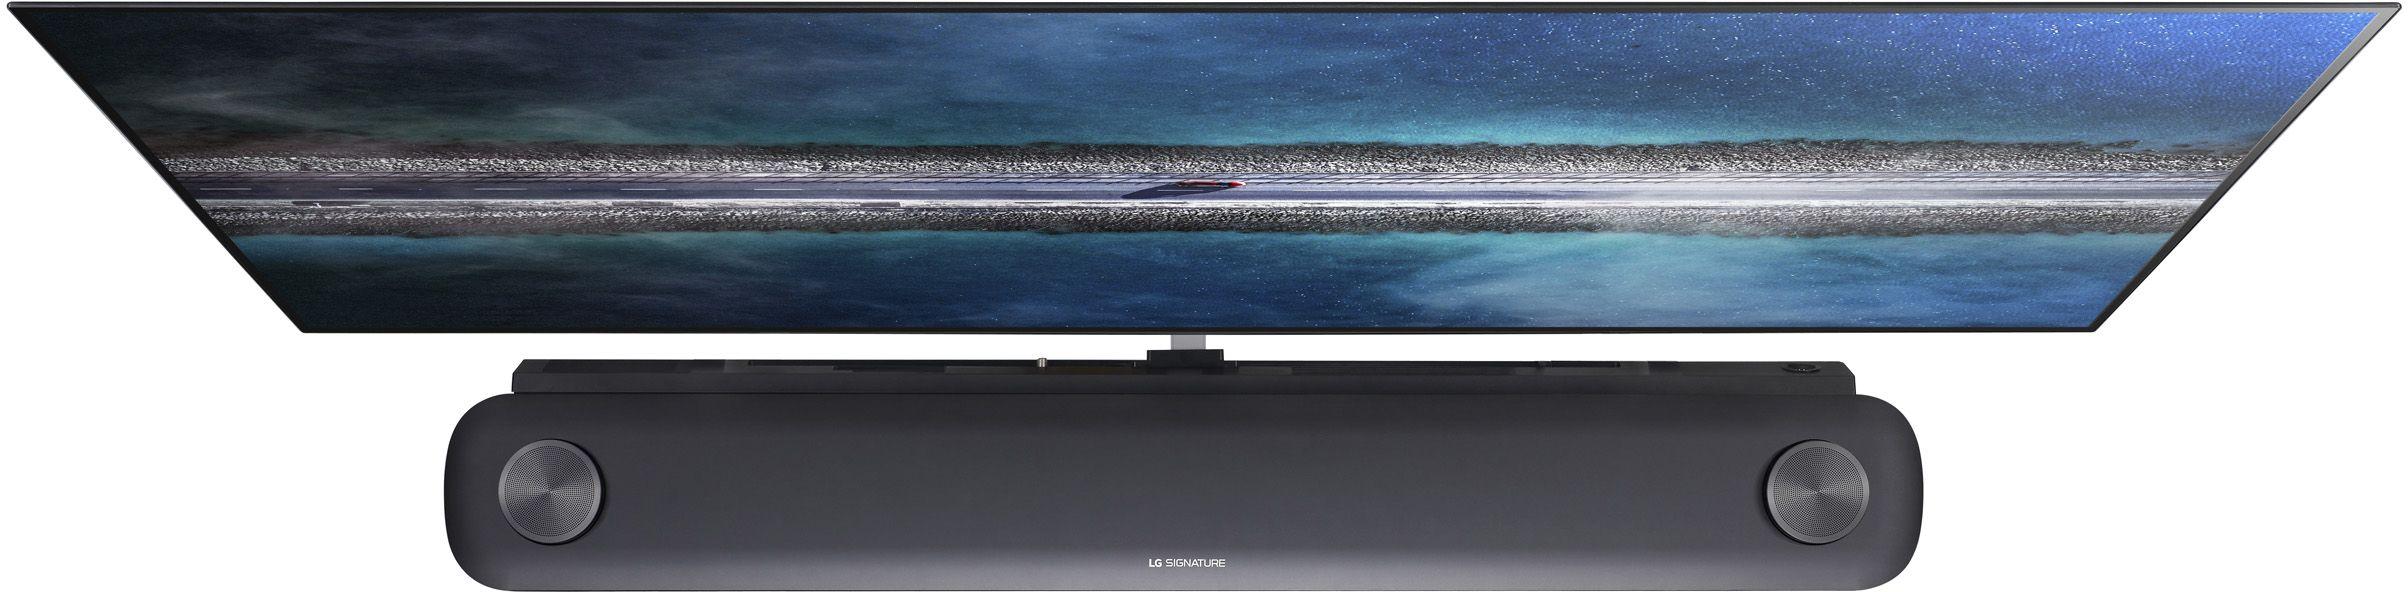 LG W9 Series 77